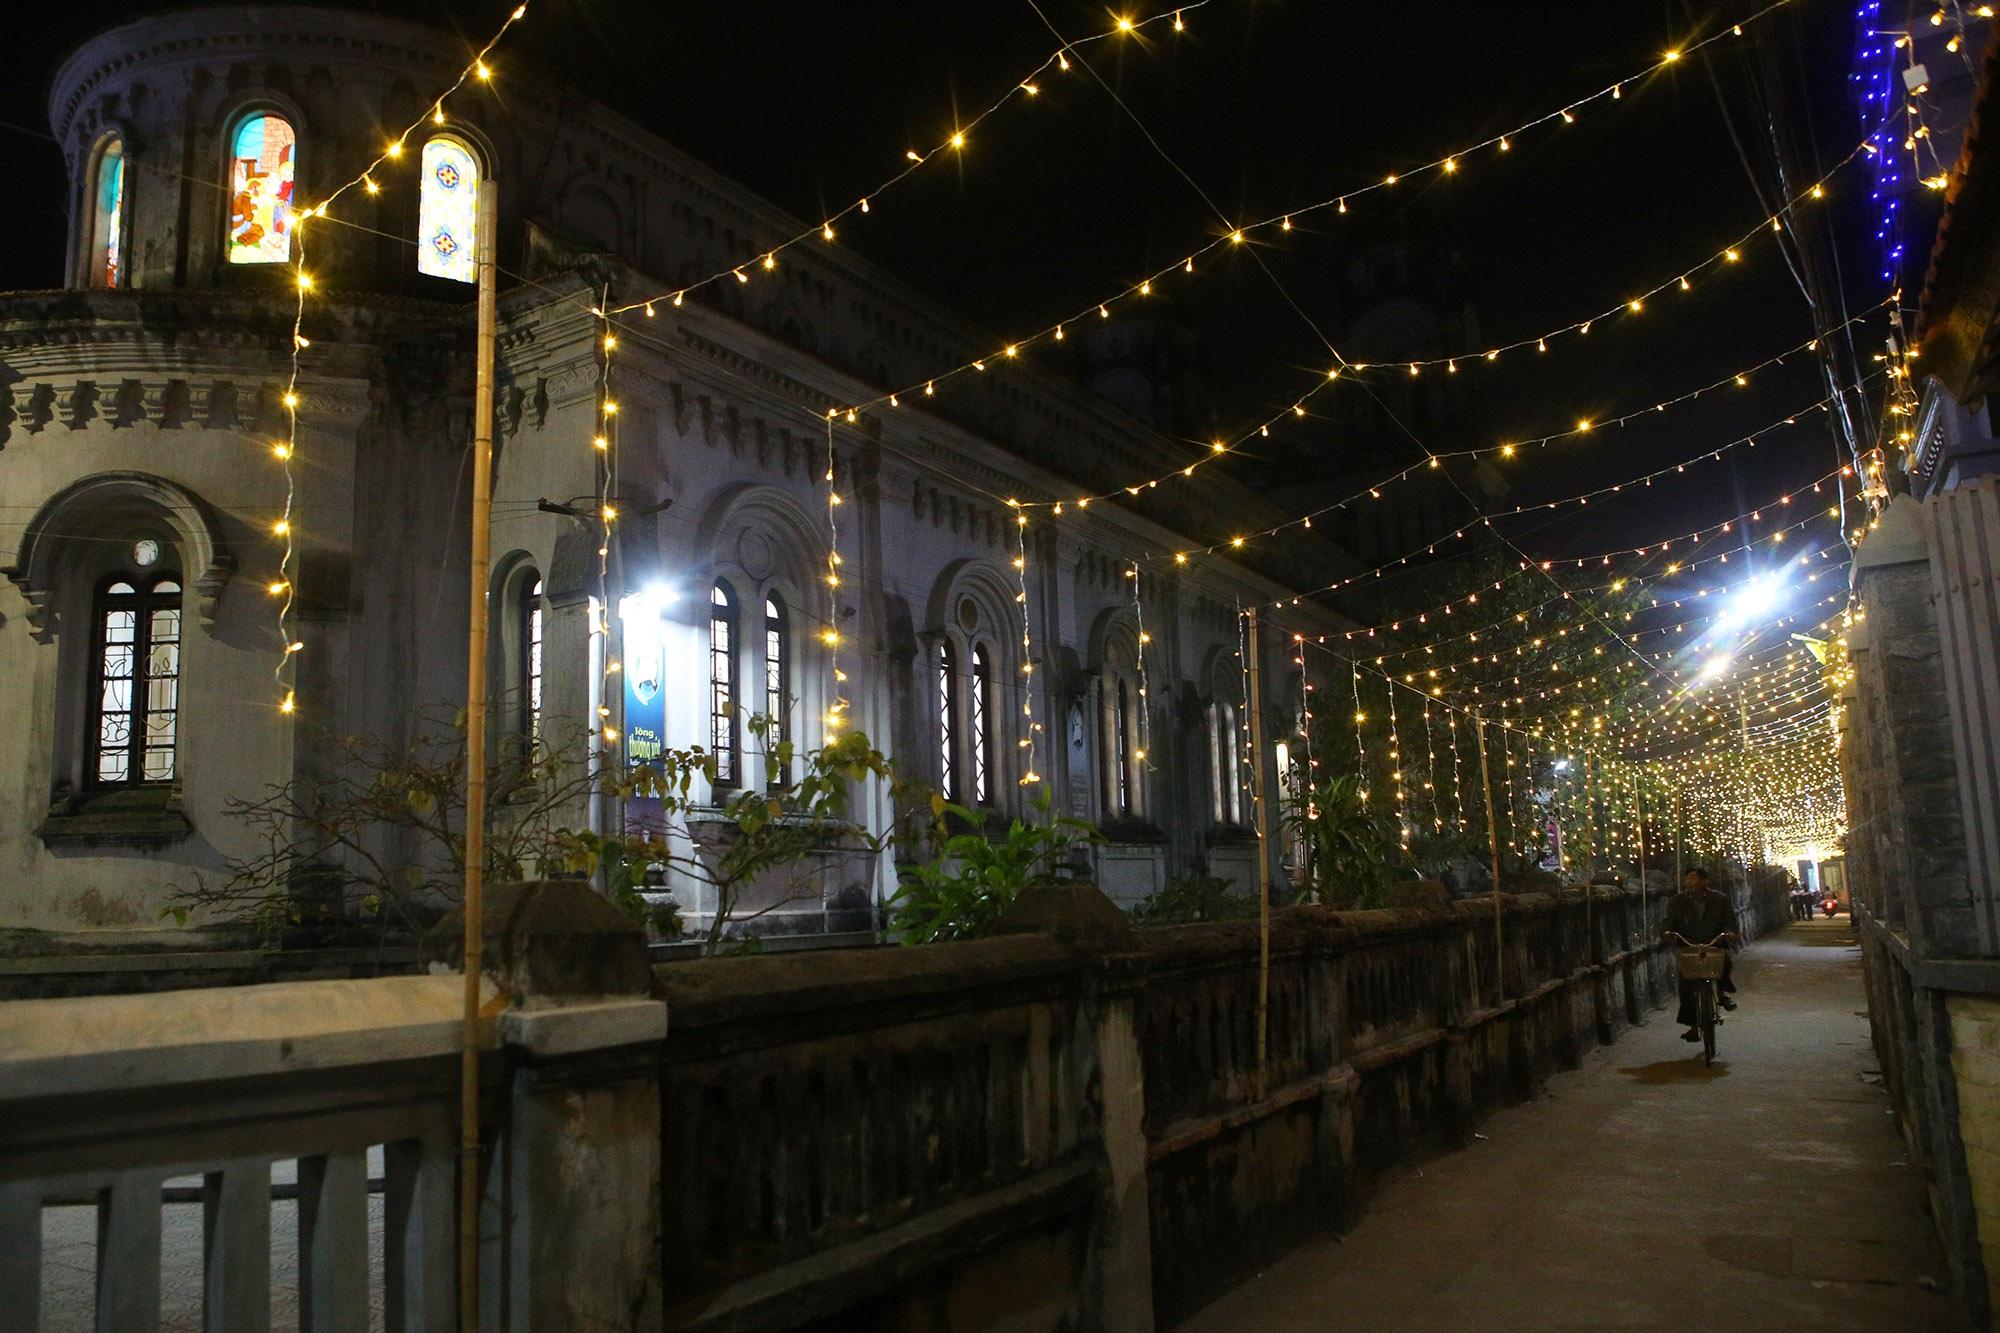 Các nhà thờ tại Hà Nội tỏa sáng lung linh chờ đón Noel 2019 - 13